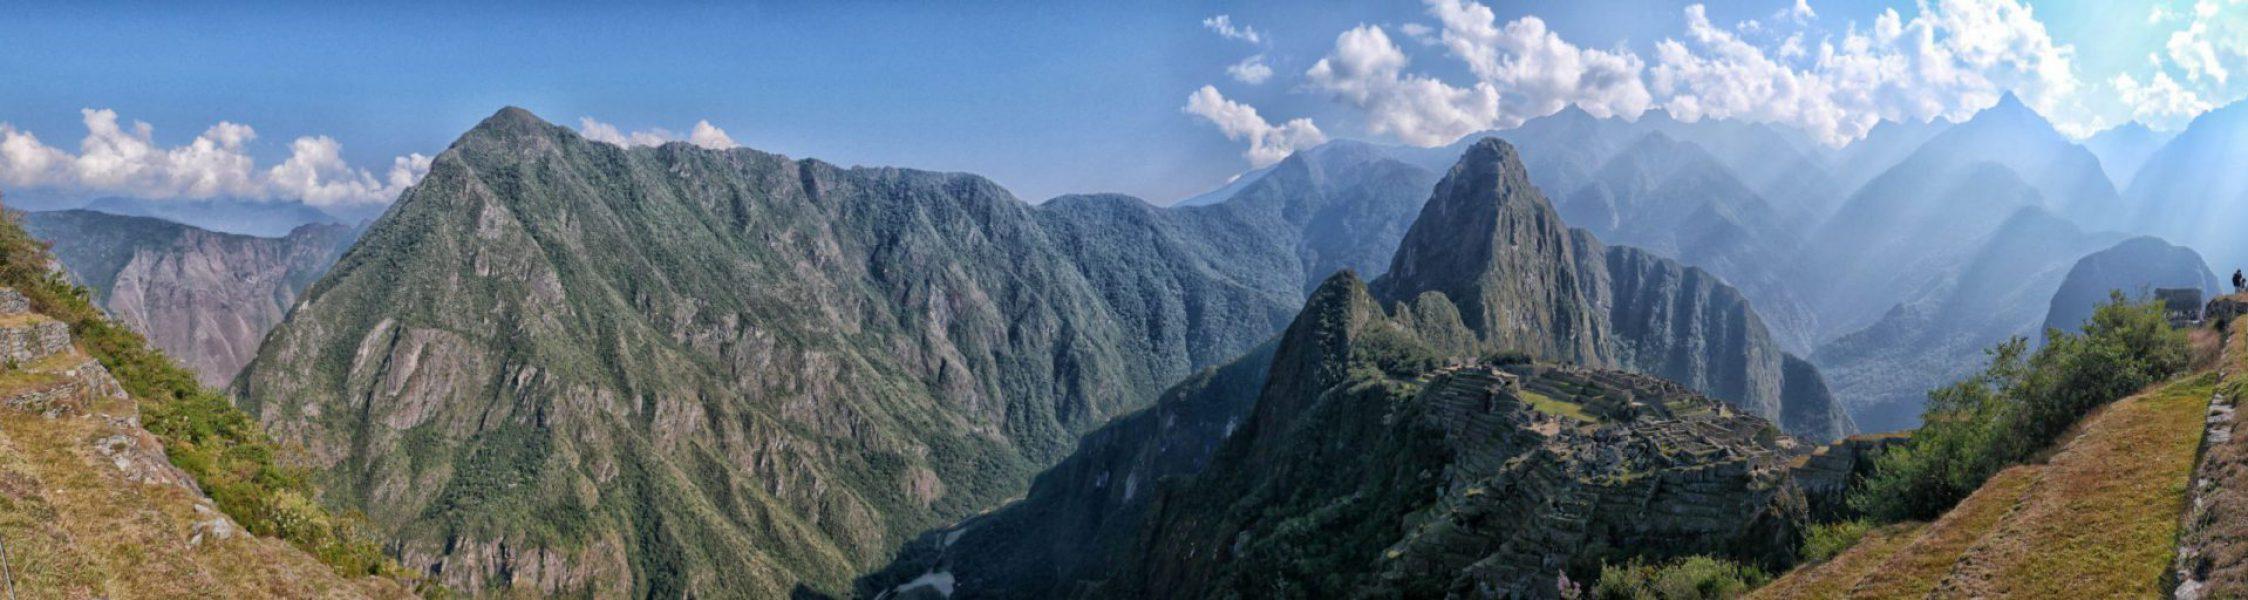 Matchu Picchu